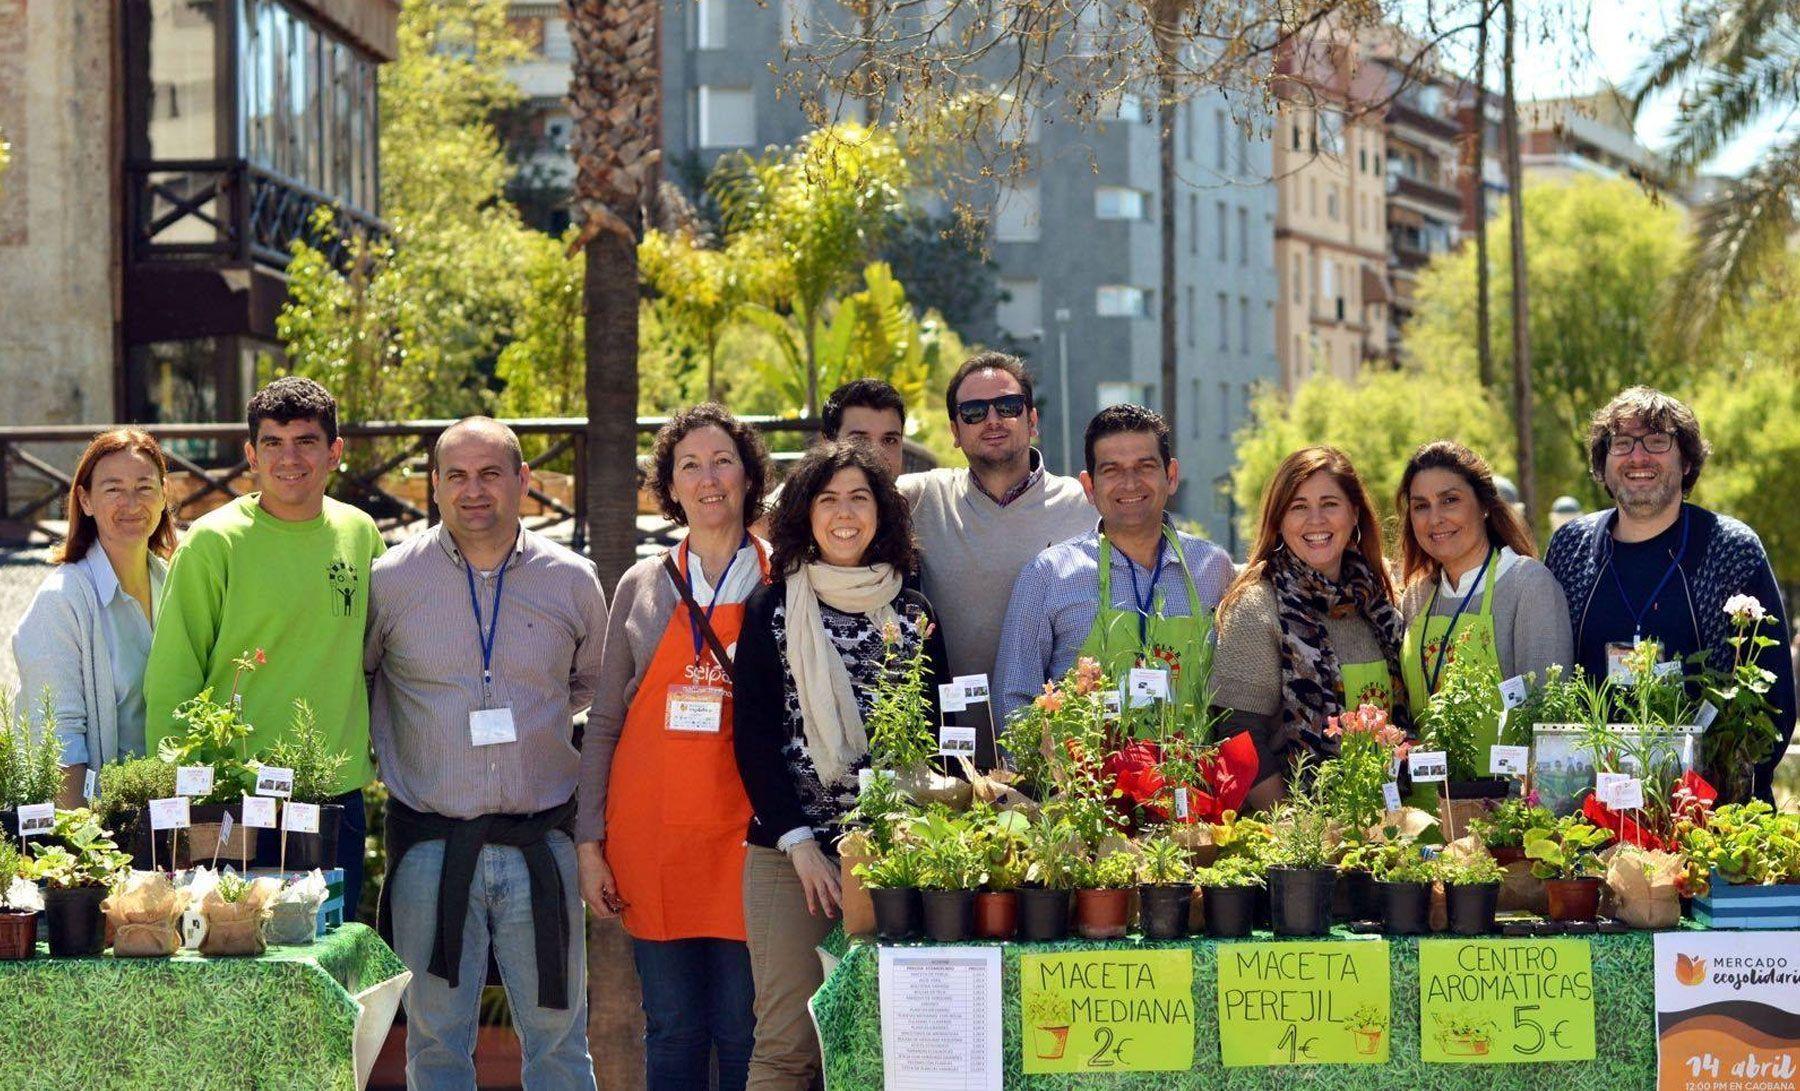 Mercado Ecosolidario Impulso Ecofarm Acopinb